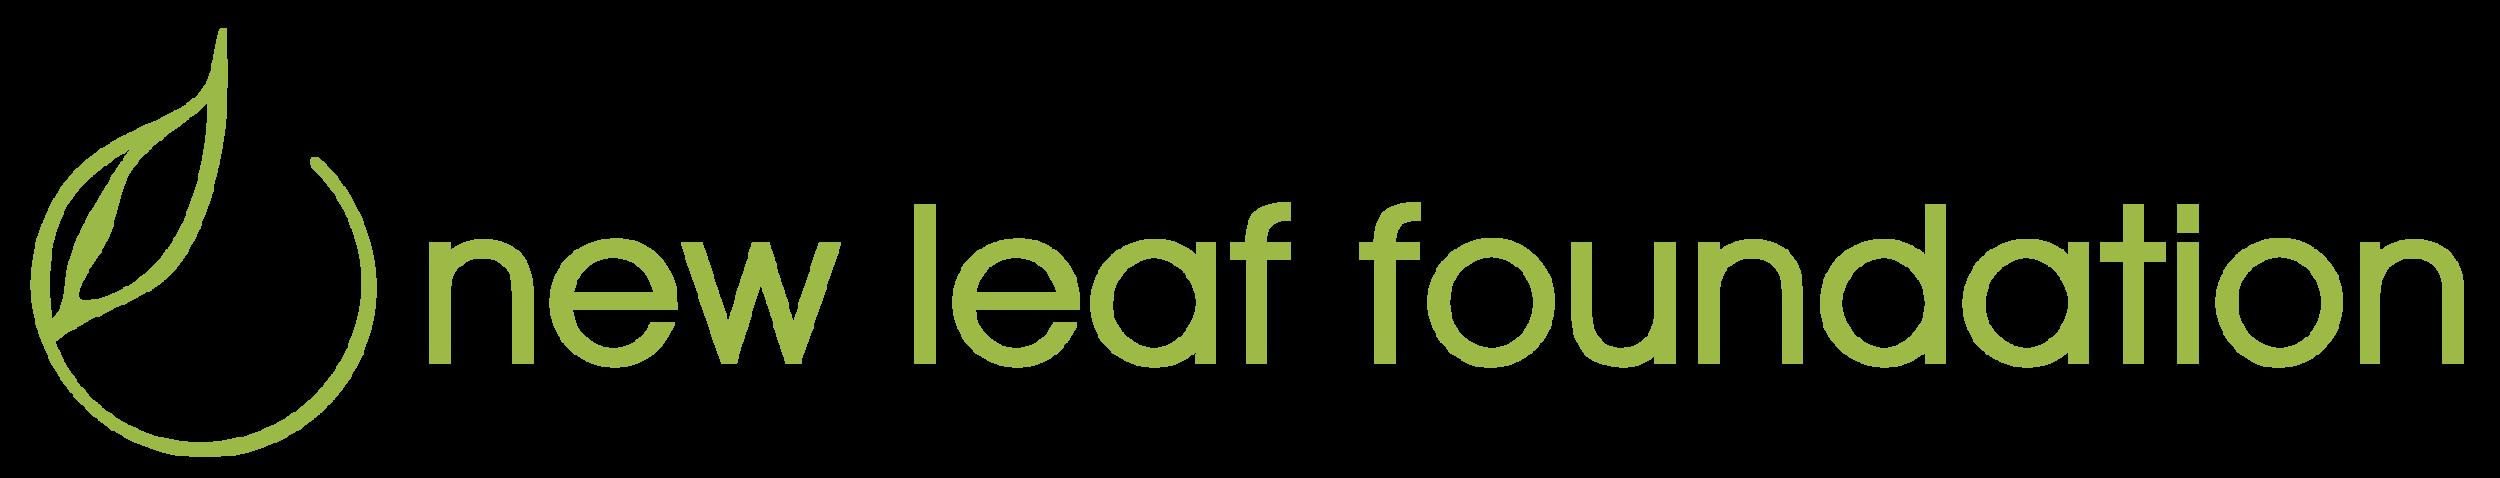 NL-logo-full-2016.png